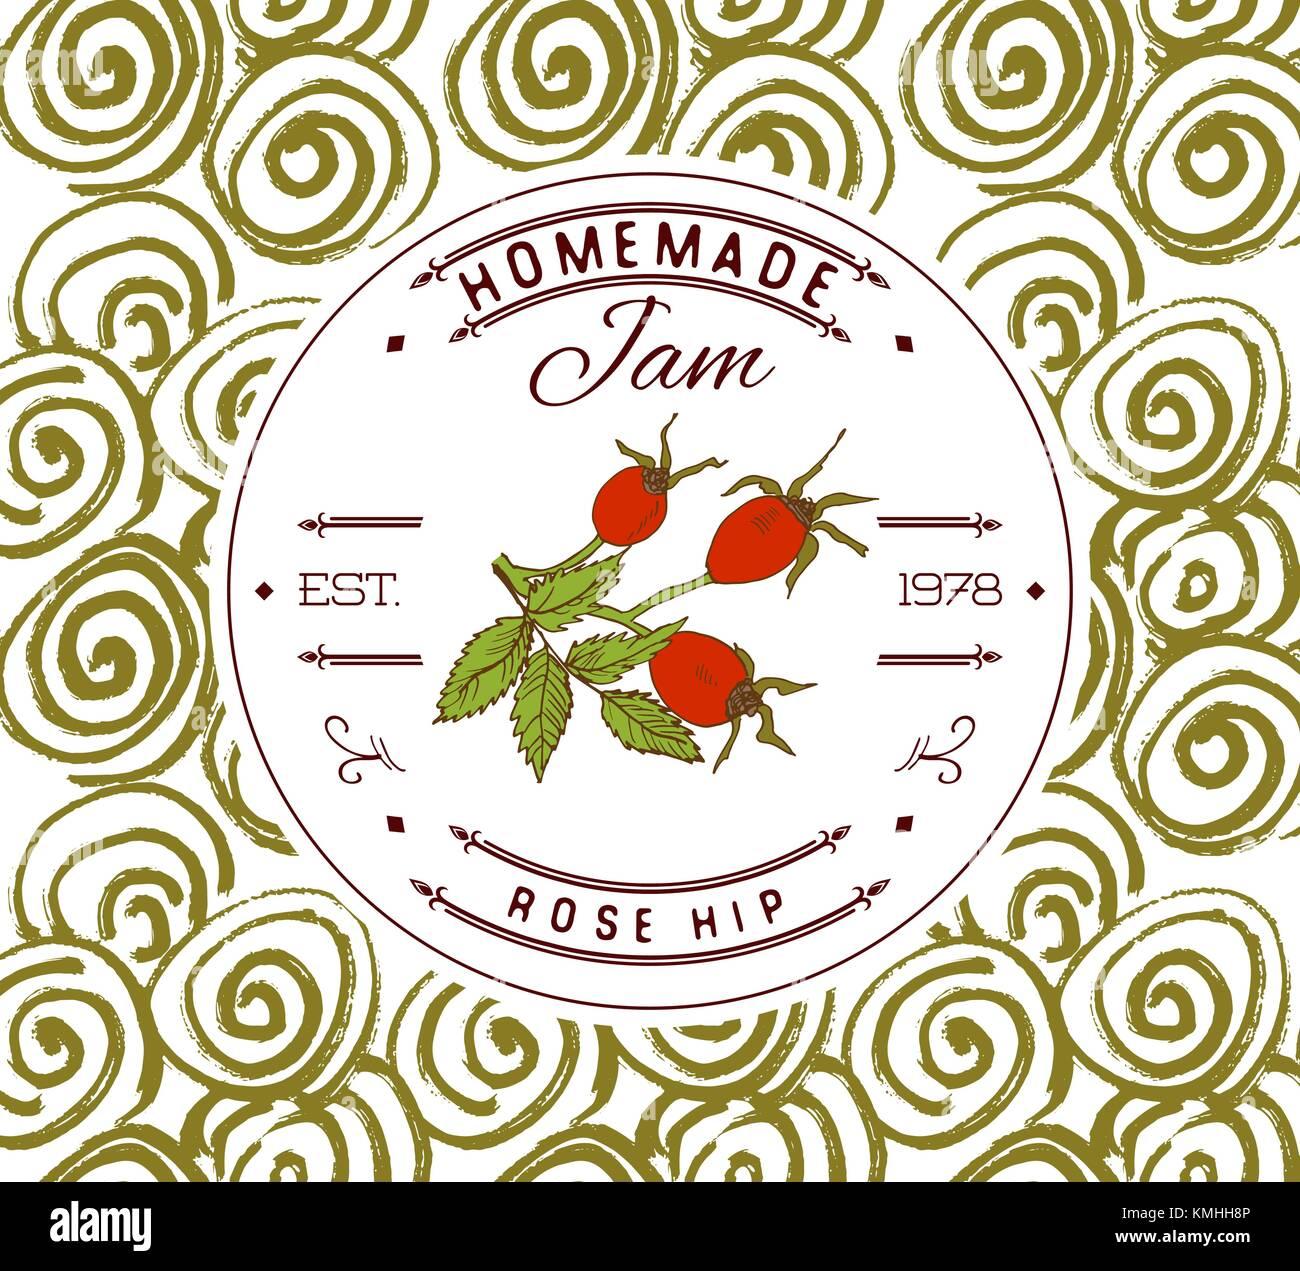 Jam Label Design vorlage. Für rose Hip dessert Produkt mit Hand ...